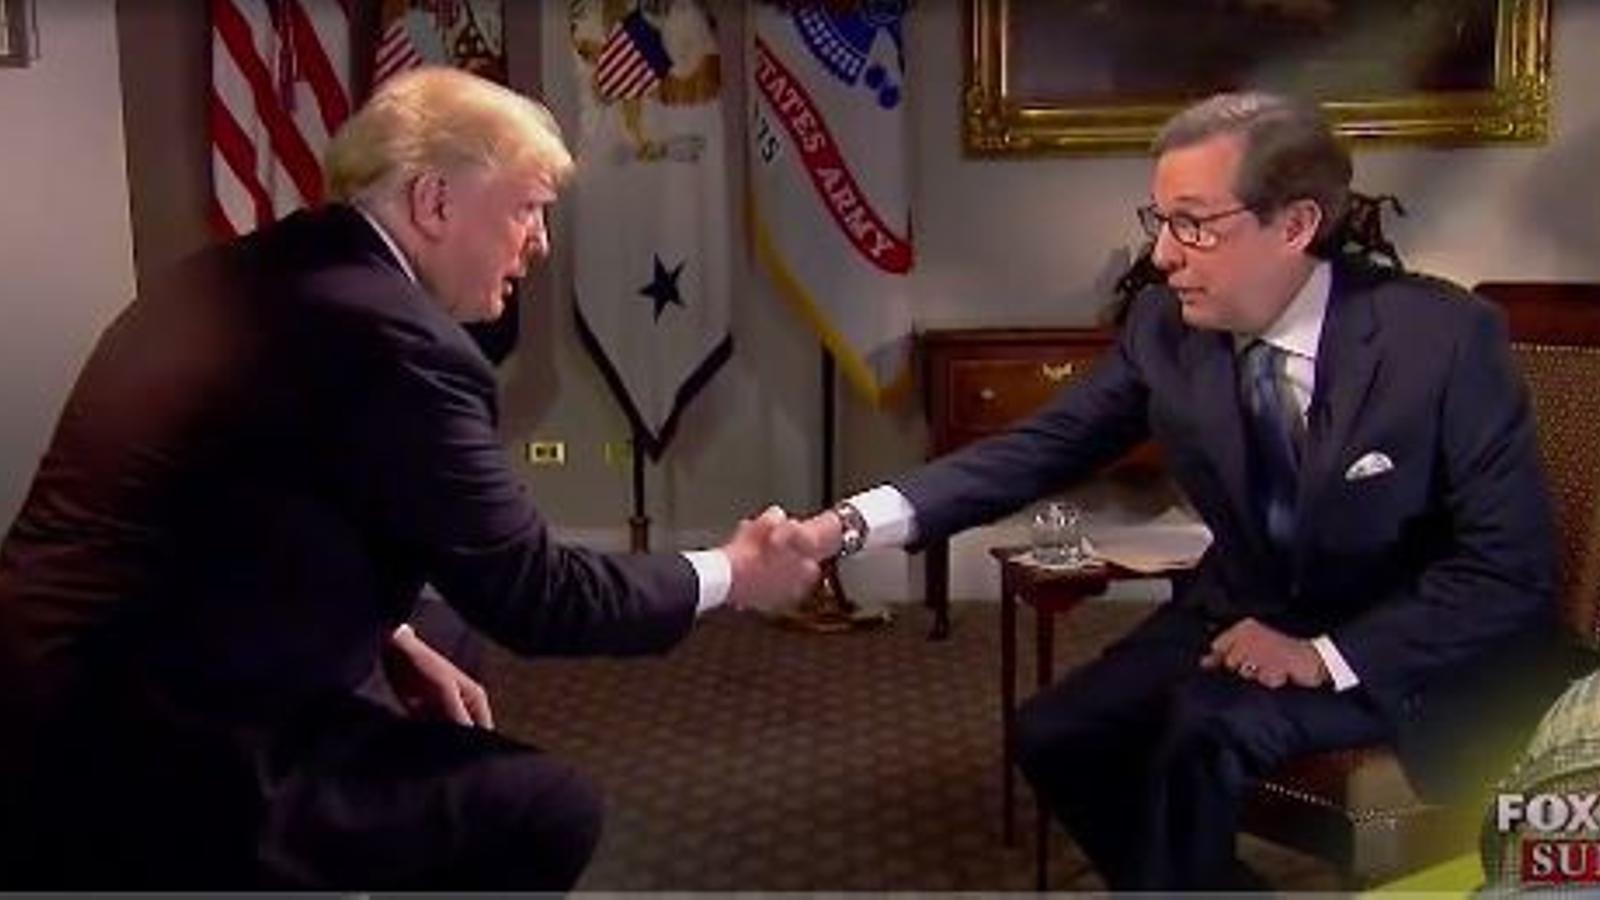 Entrevista de Trump a Fox News, diumenge 18 de novembre.